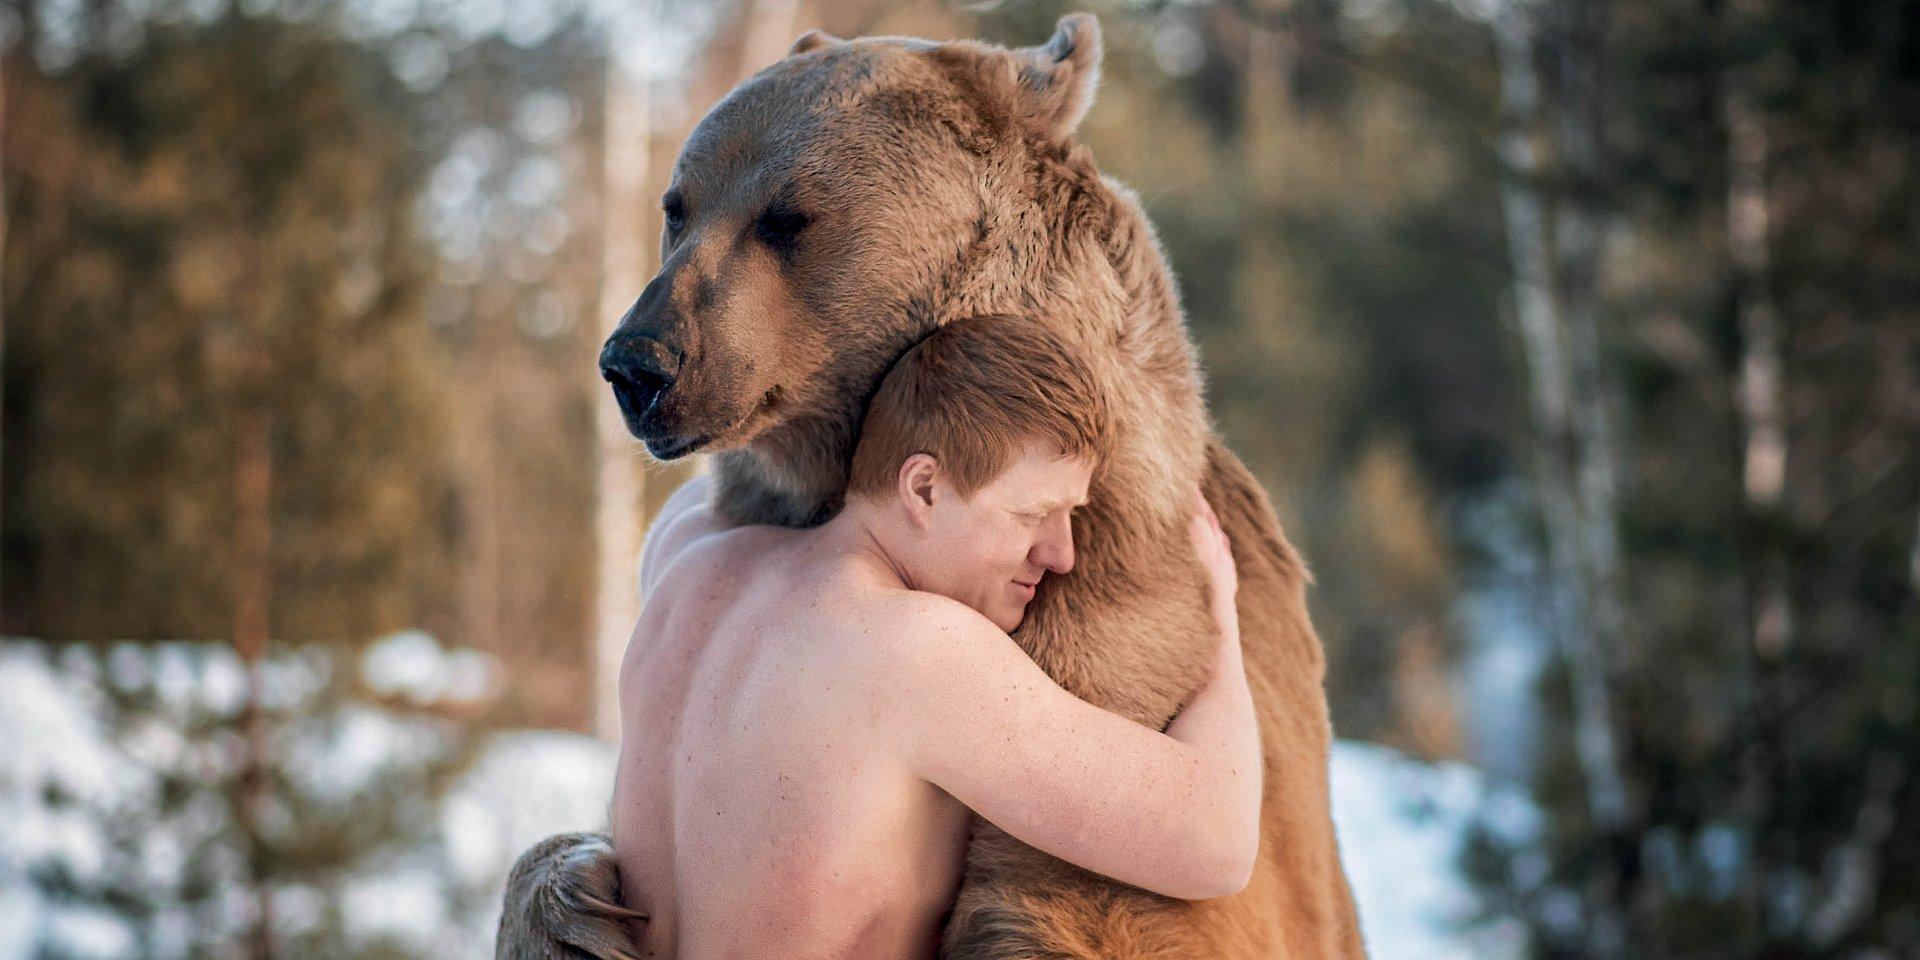 mBank: ludzie są niesamowici. Ufają dzikim zwierzętom i fałszywym wiadomościom